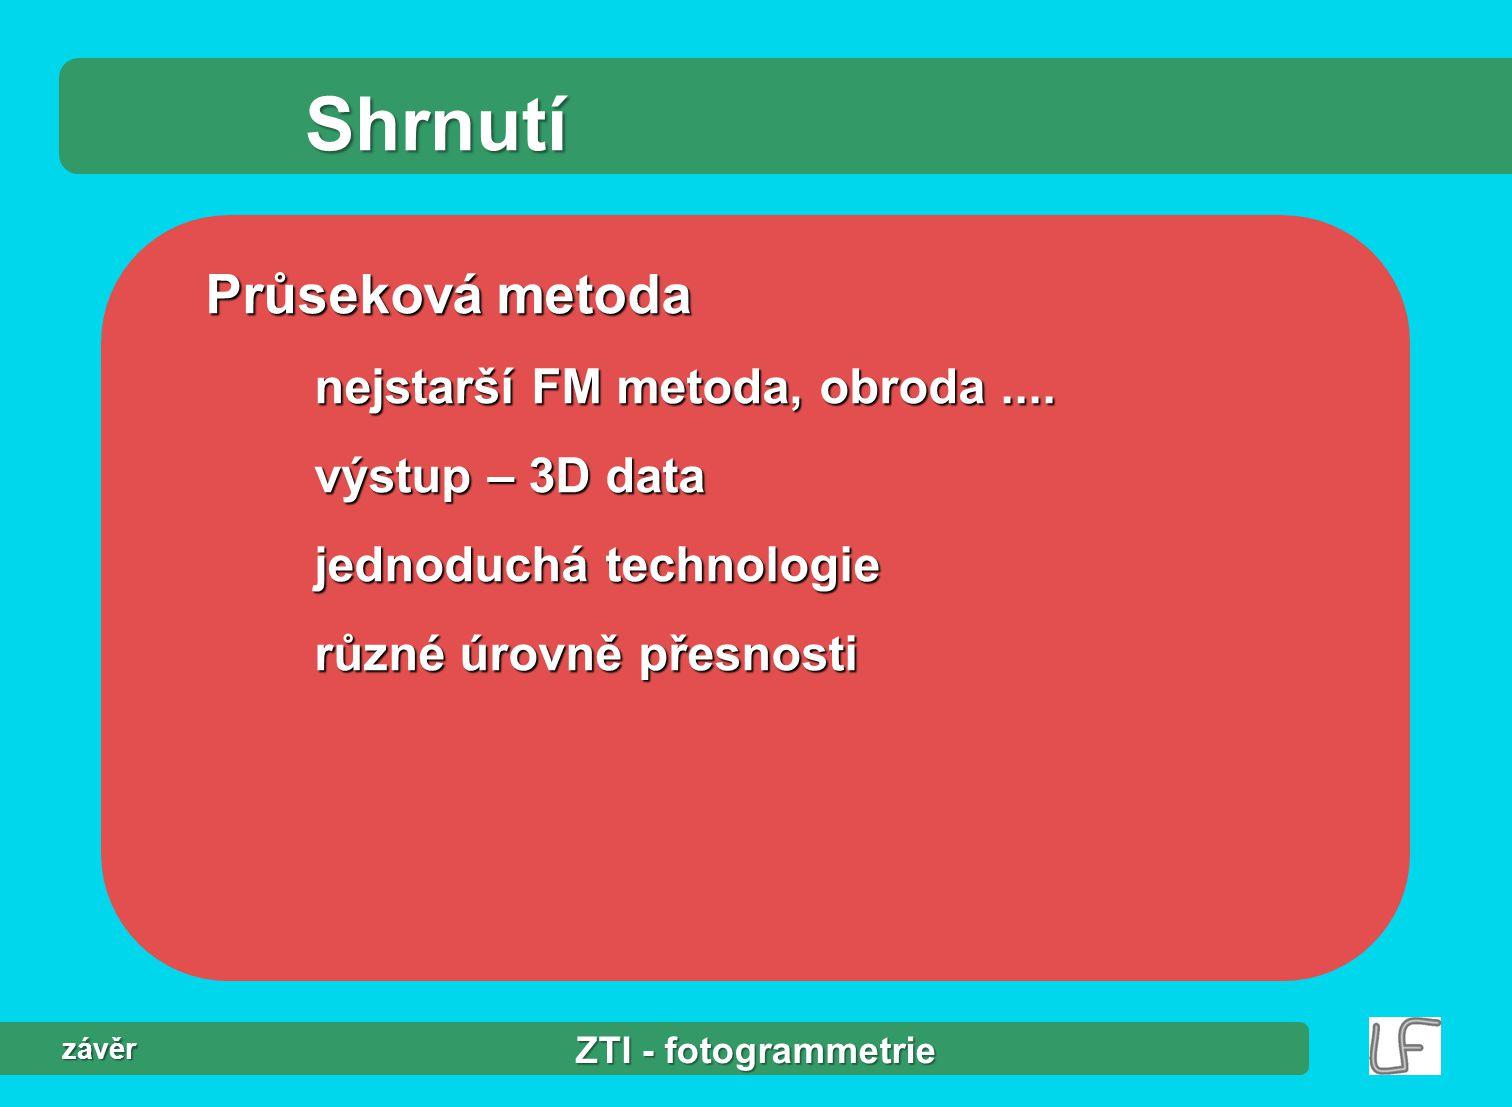 ZTI - fotogrammetrie závěr Shrnutí Průseková metoda nejstarší FM metoda, obroda....